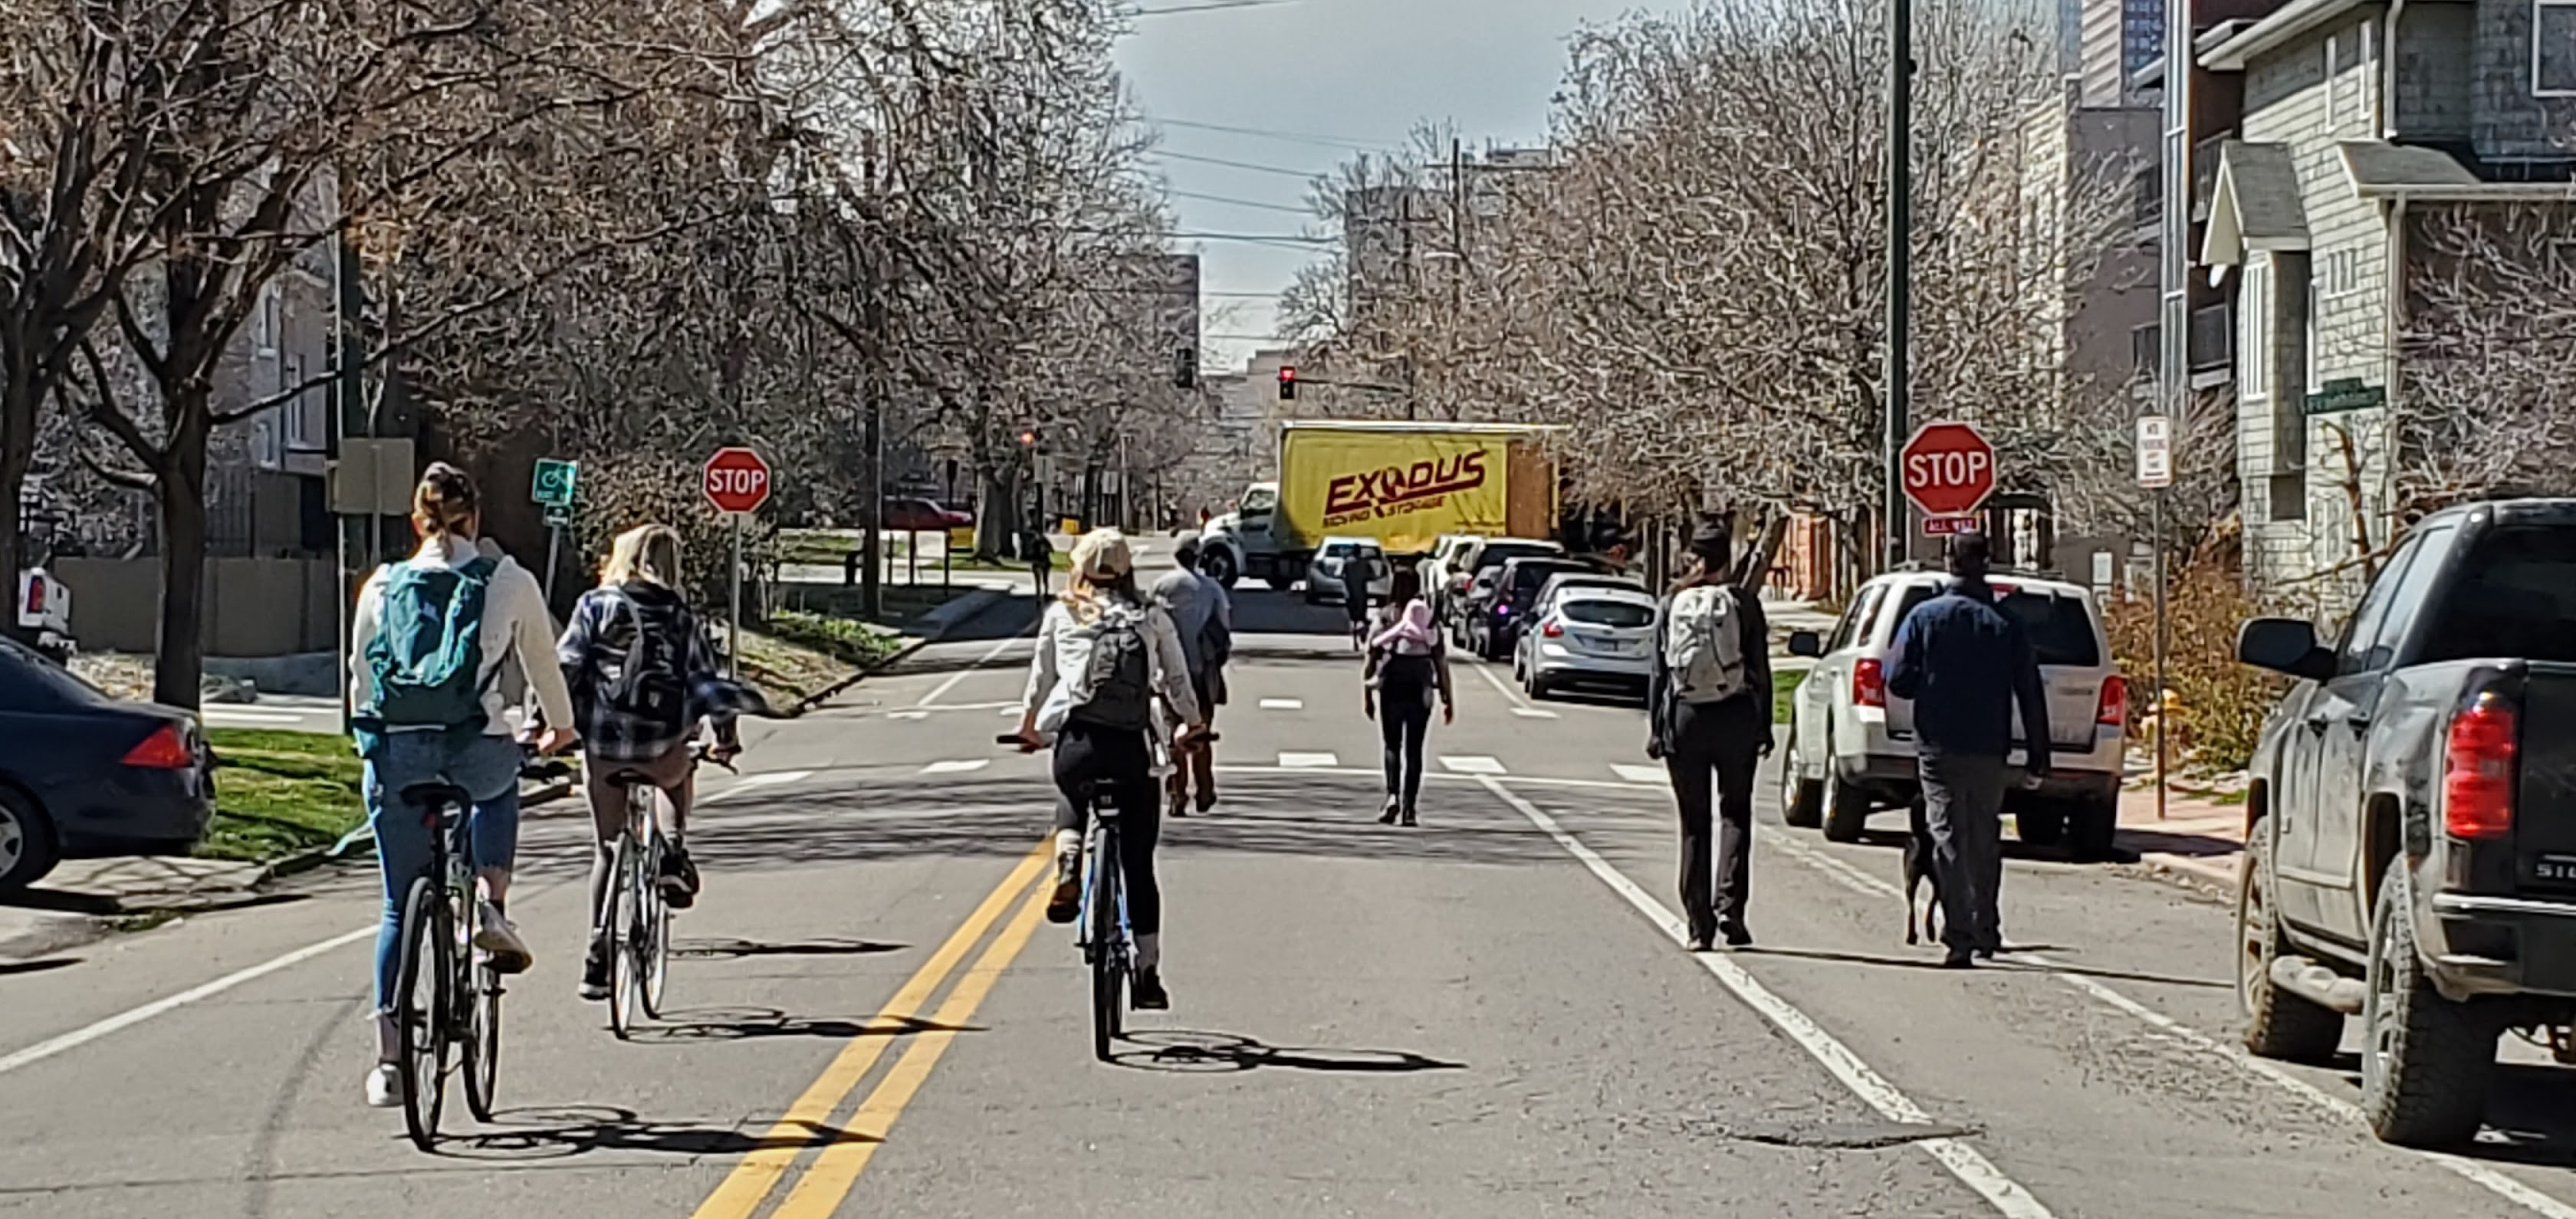 Denver bikers take over shared streets